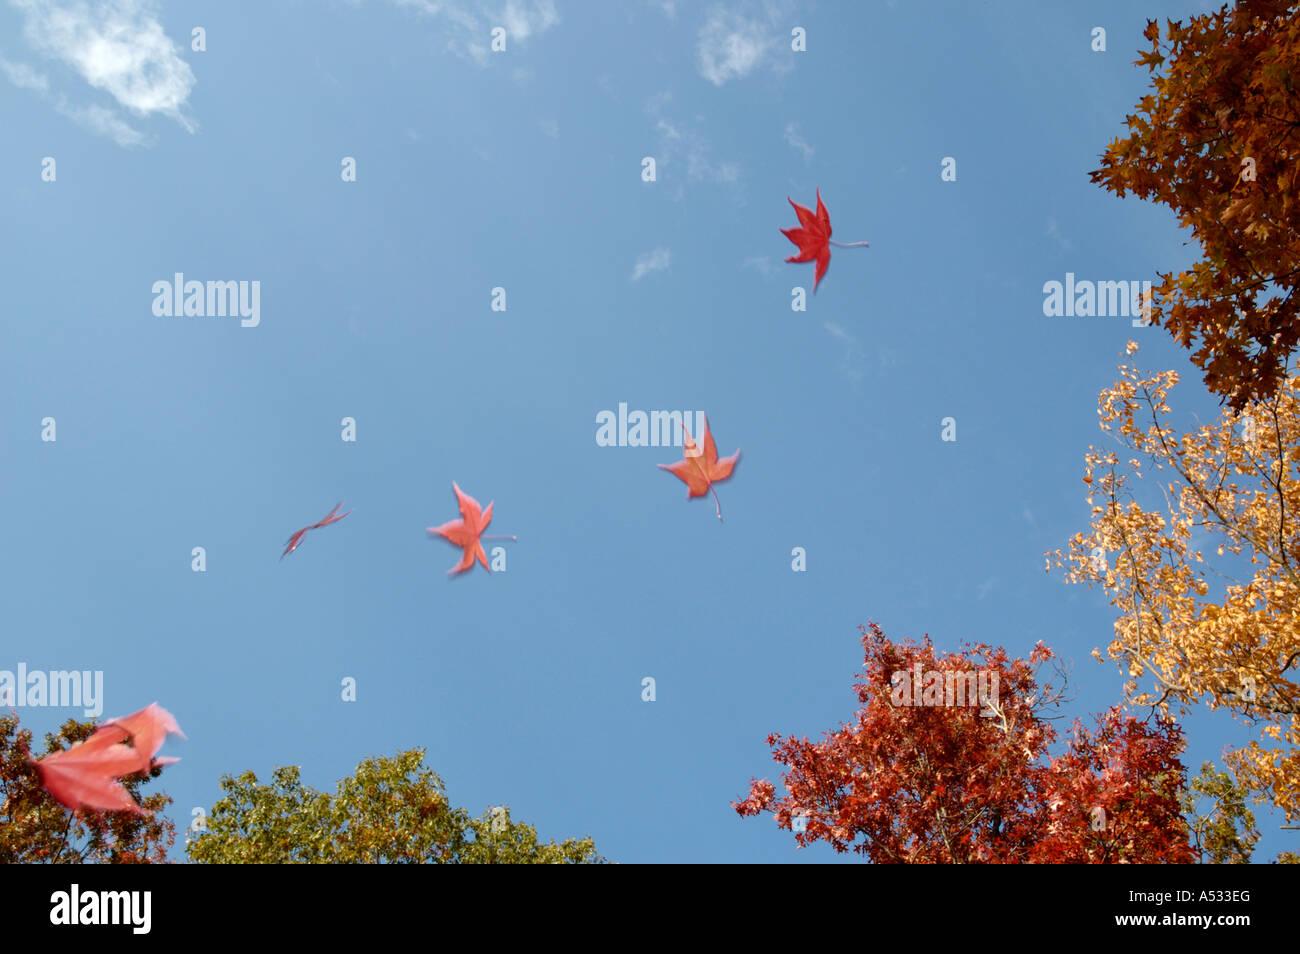 Hojas de arce cae contra un cielo de otoño azul Imagen De Stock